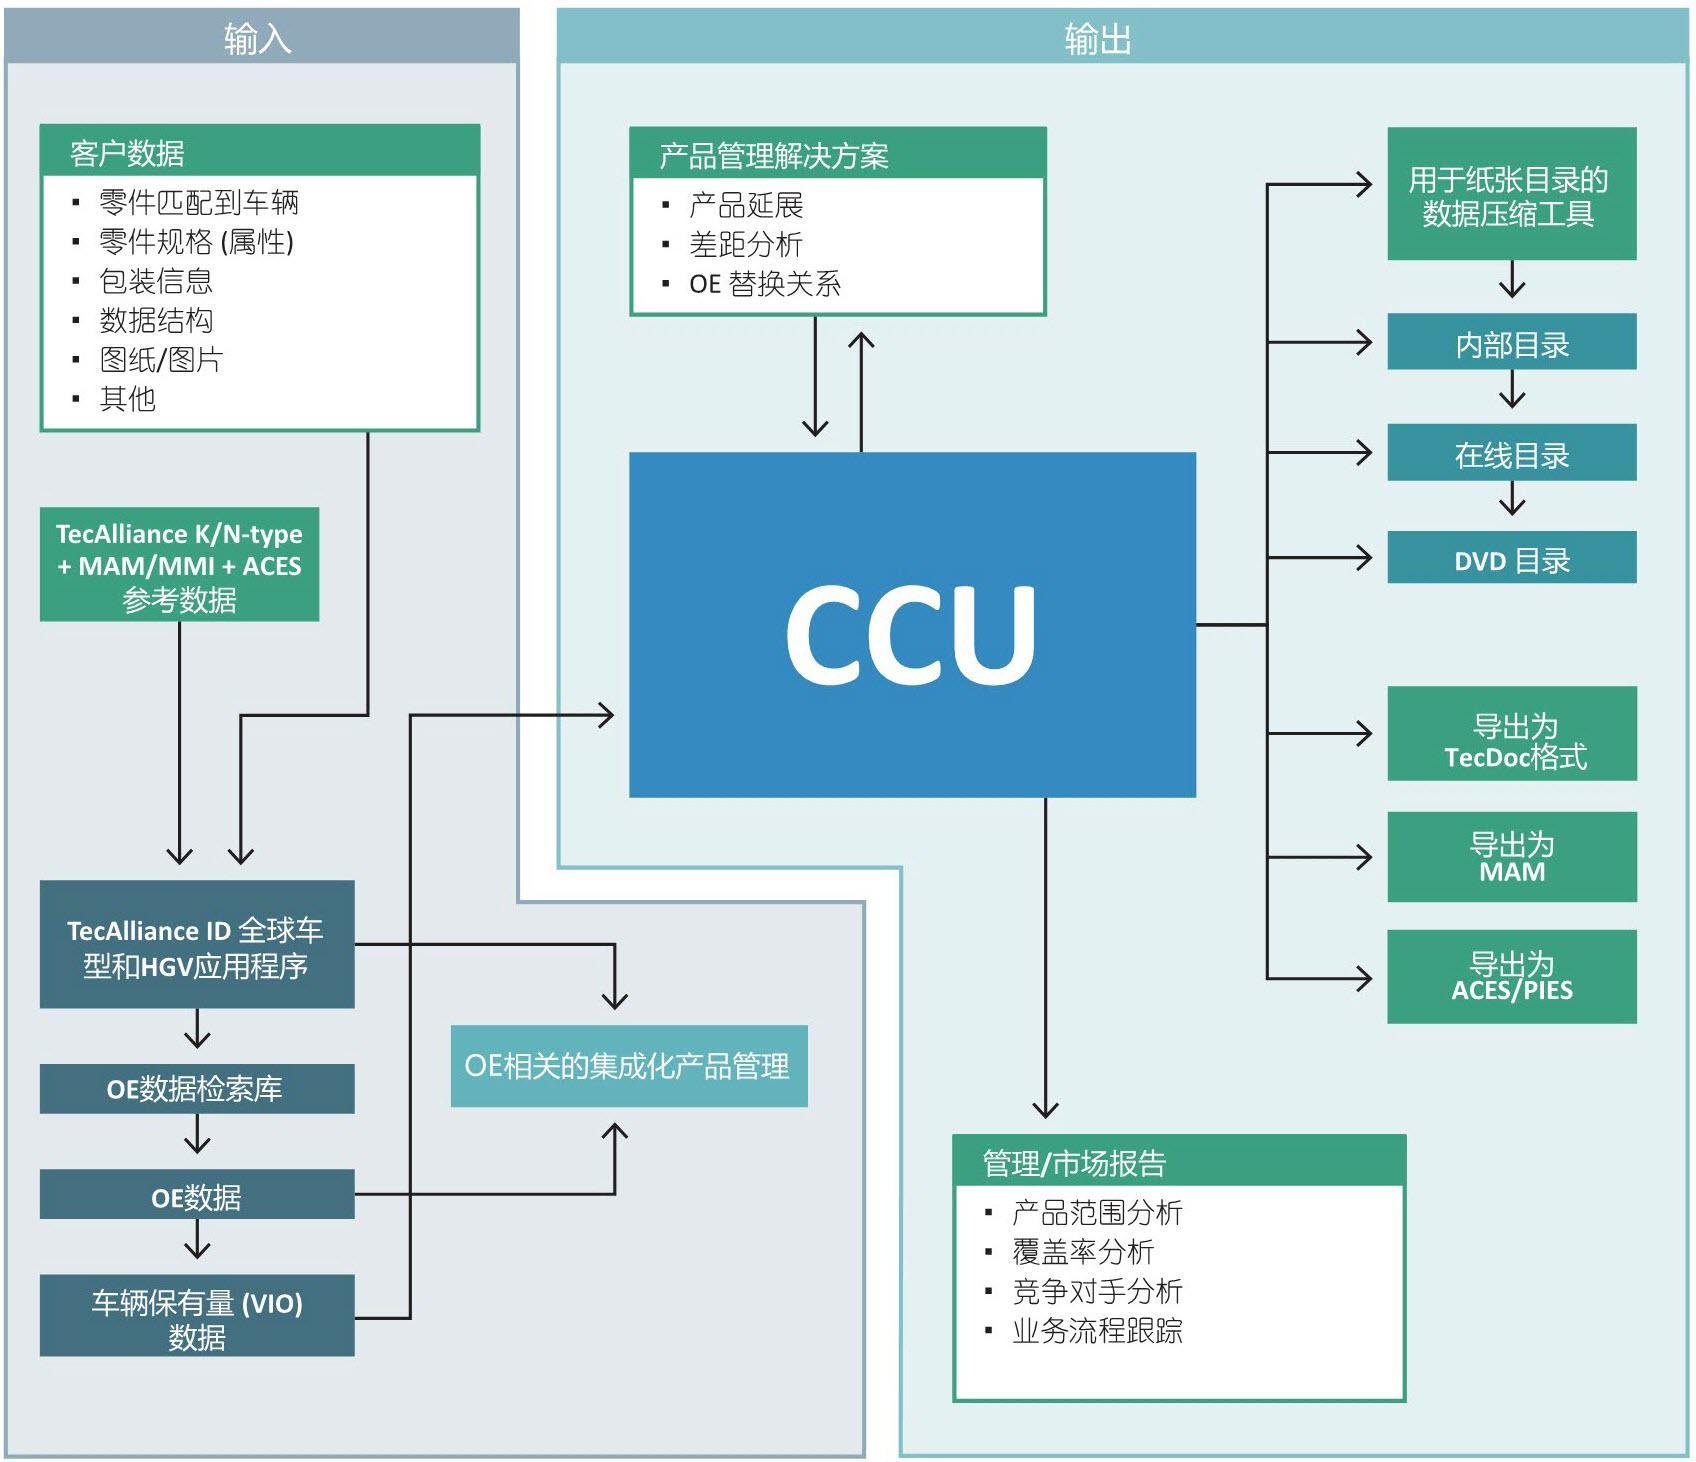 产品信息管理工具单页中英文版_1